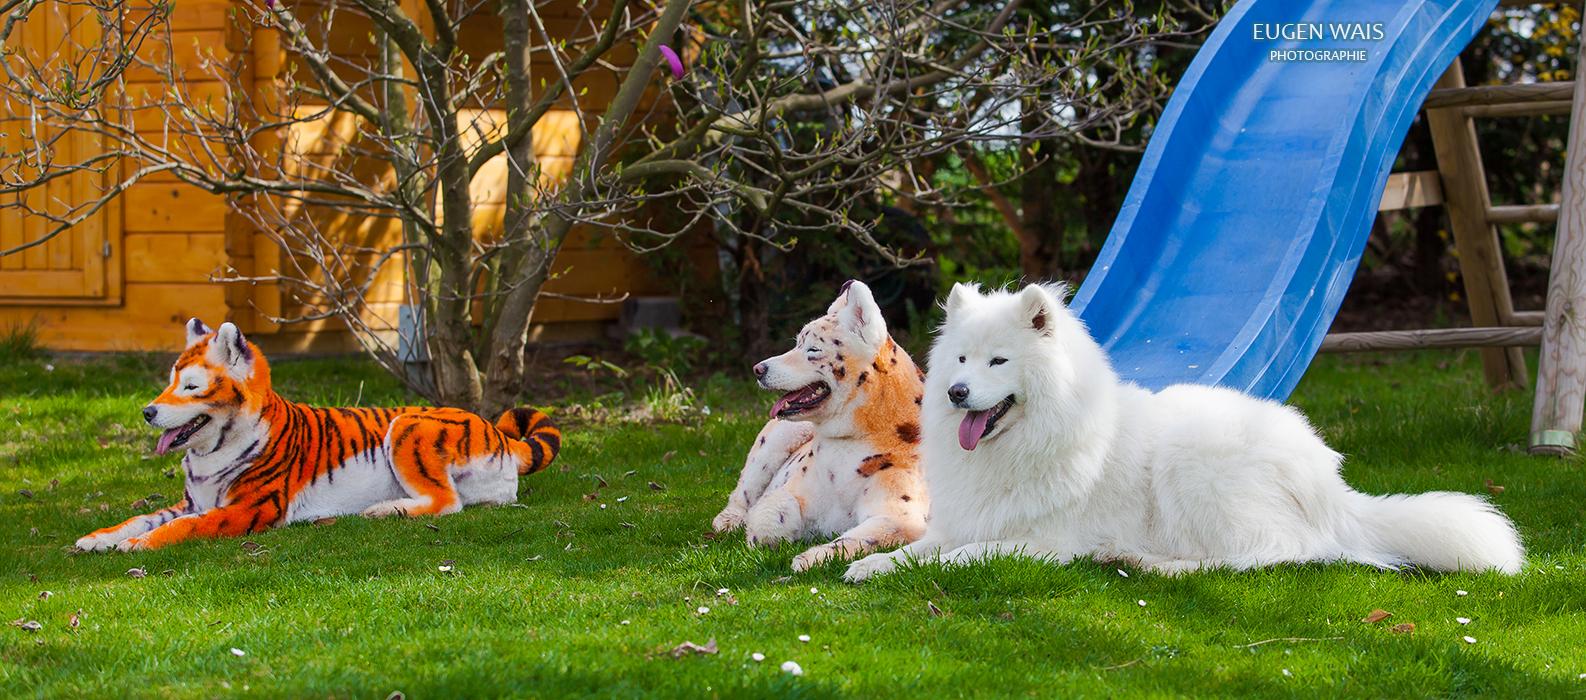 samoyed dog repainted on leopard and tiger. Samoyed dog